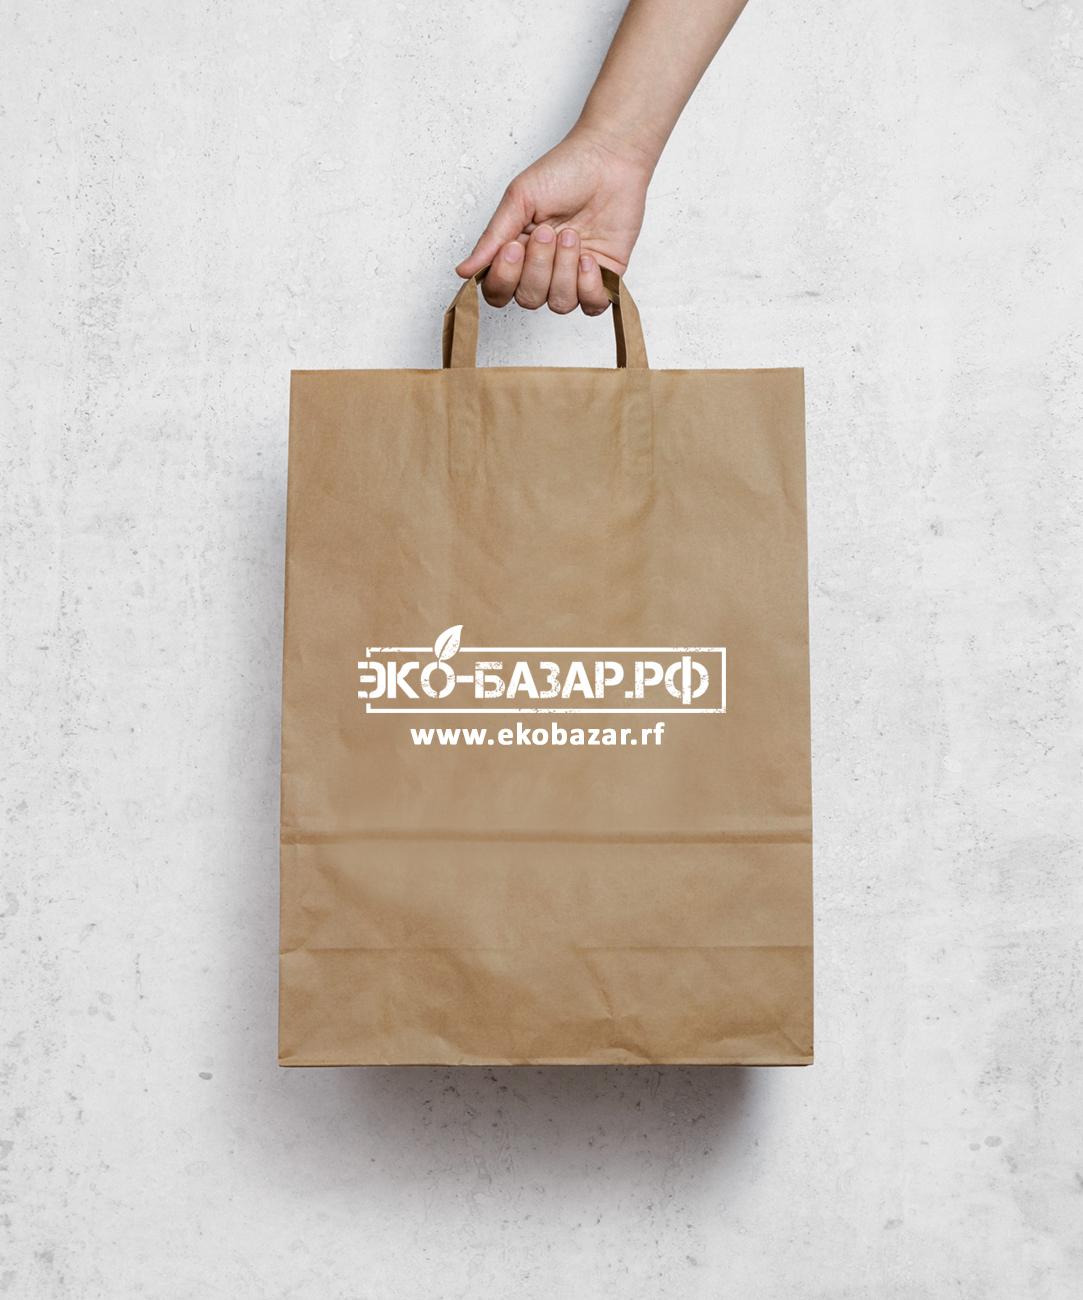 Логотип компании натуральных (фермерских) продуктов фото f_84759400fdc81005.jpg